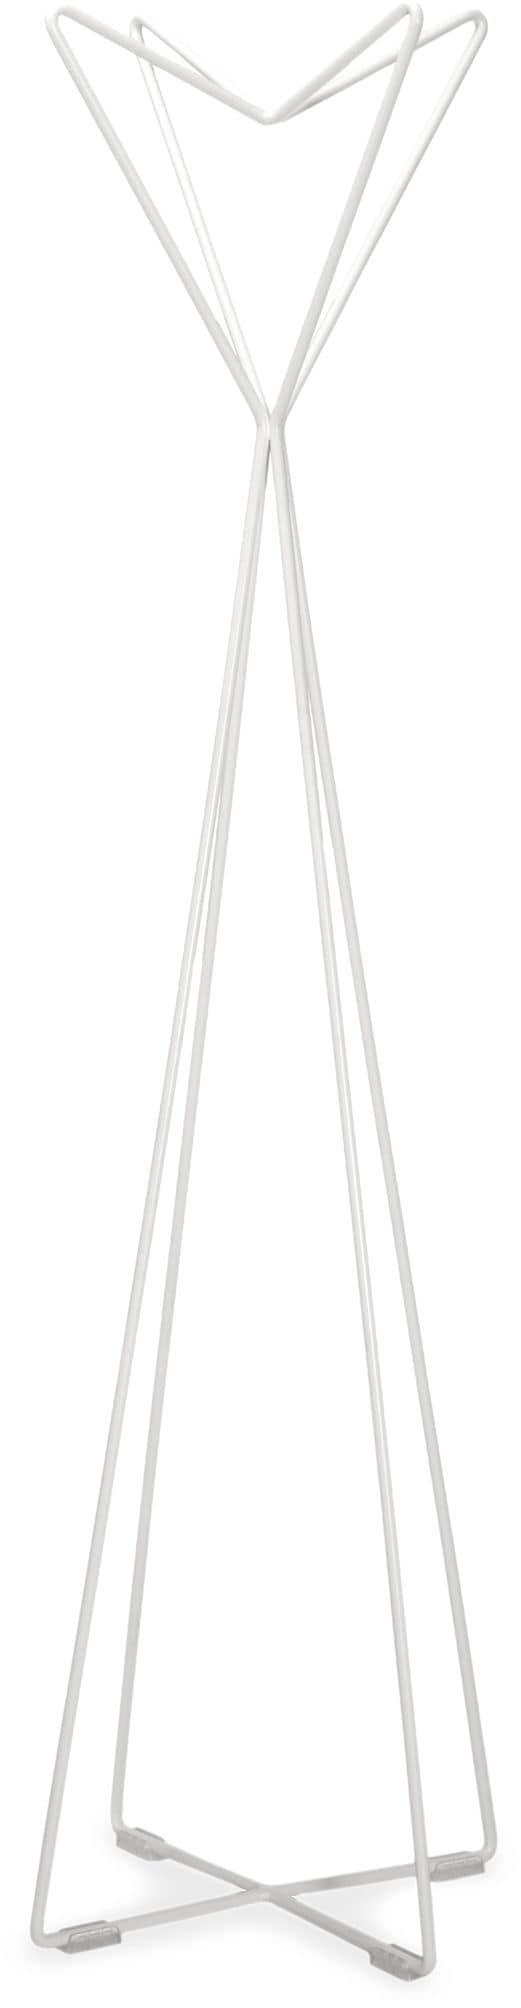 Jolie AP, Coat hanger in metal rod